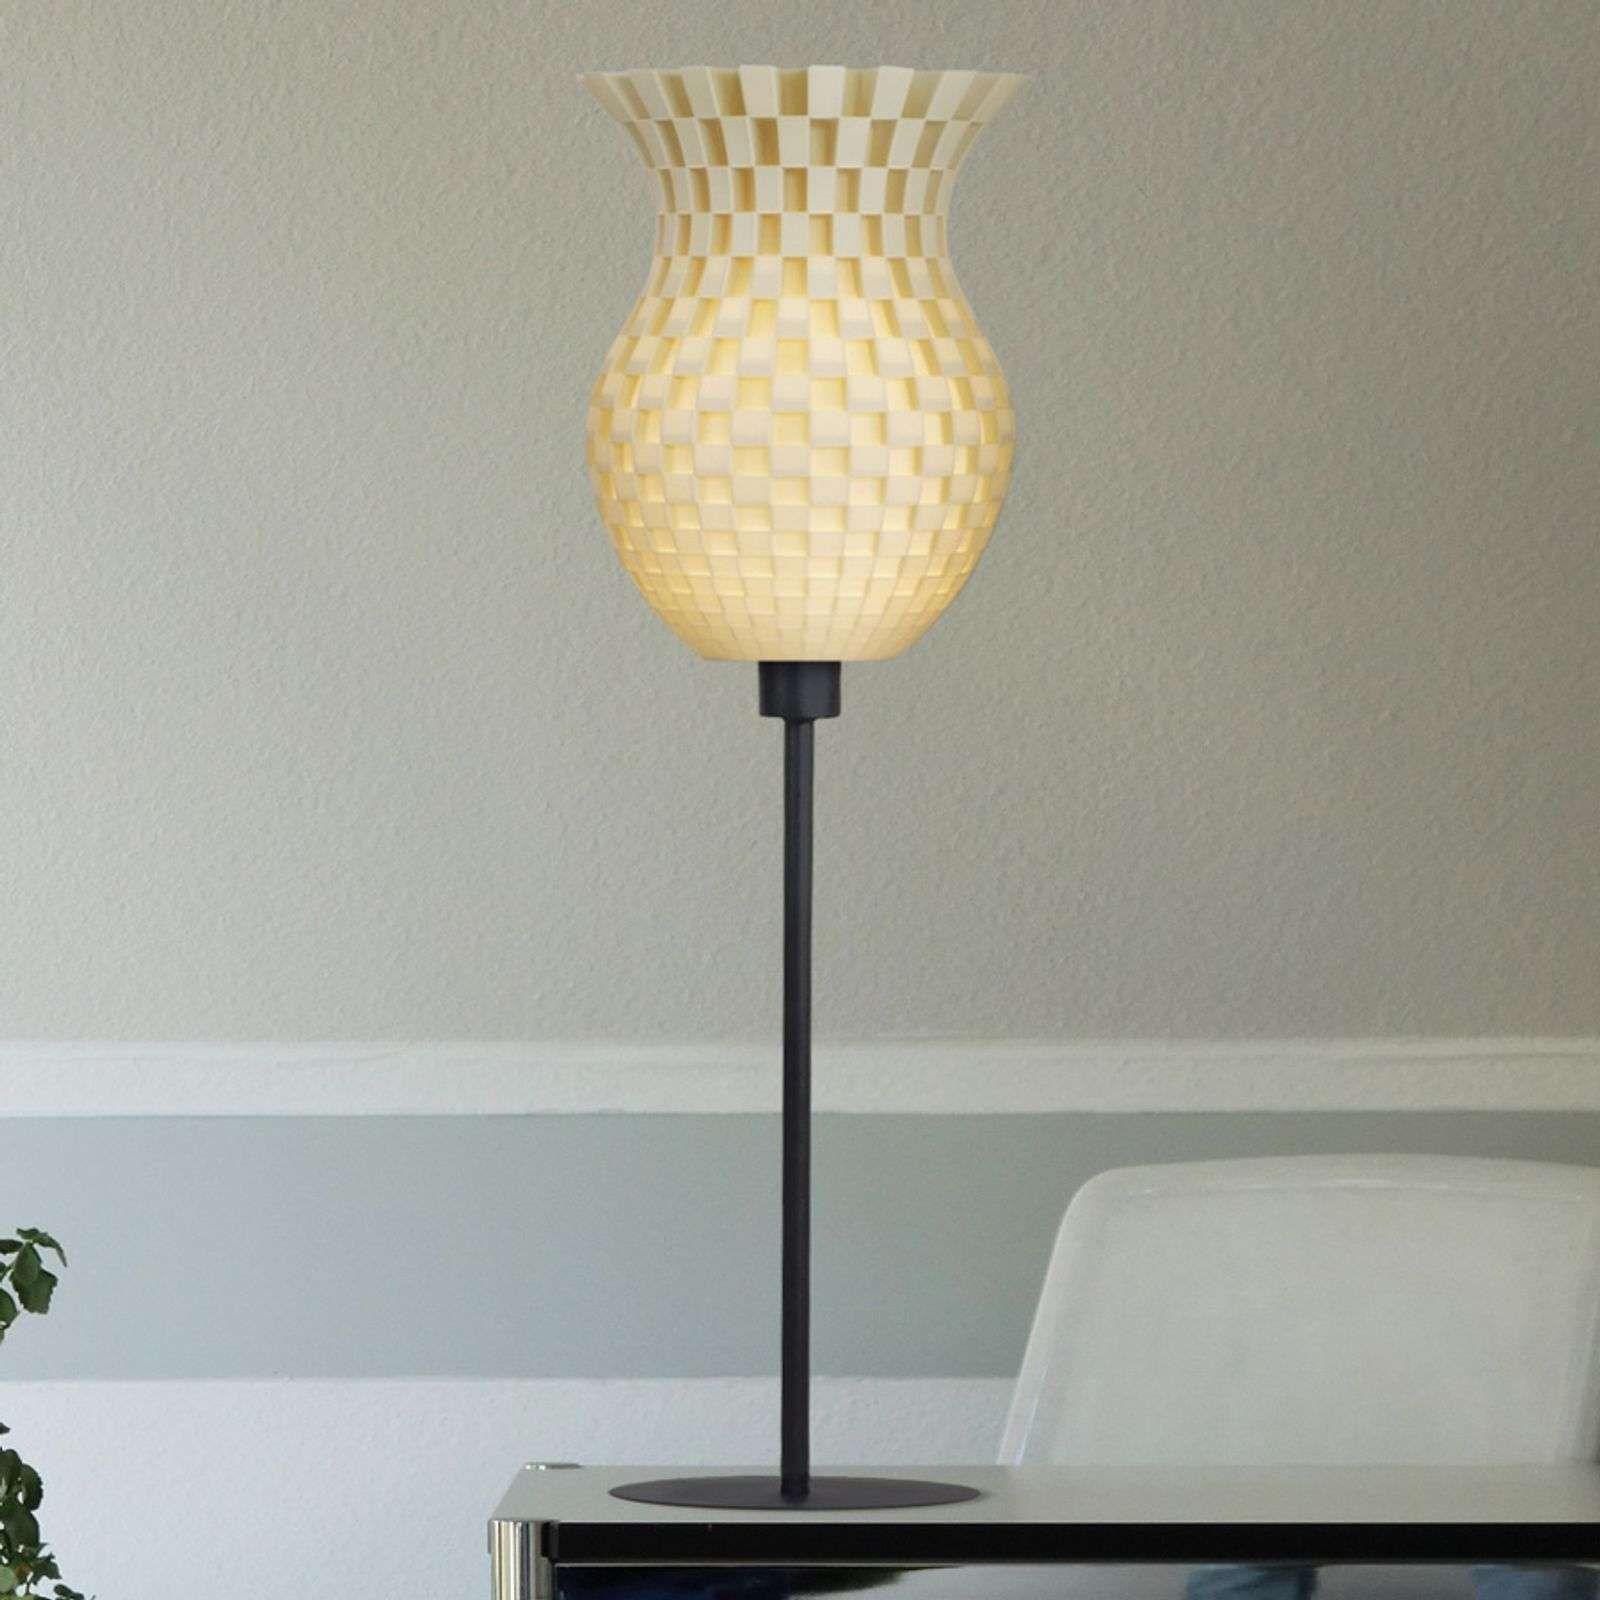 Tischleuchte Flechtwerk 3d Druck Creme Weiss Impression 3d Tressage Lampe A Poser